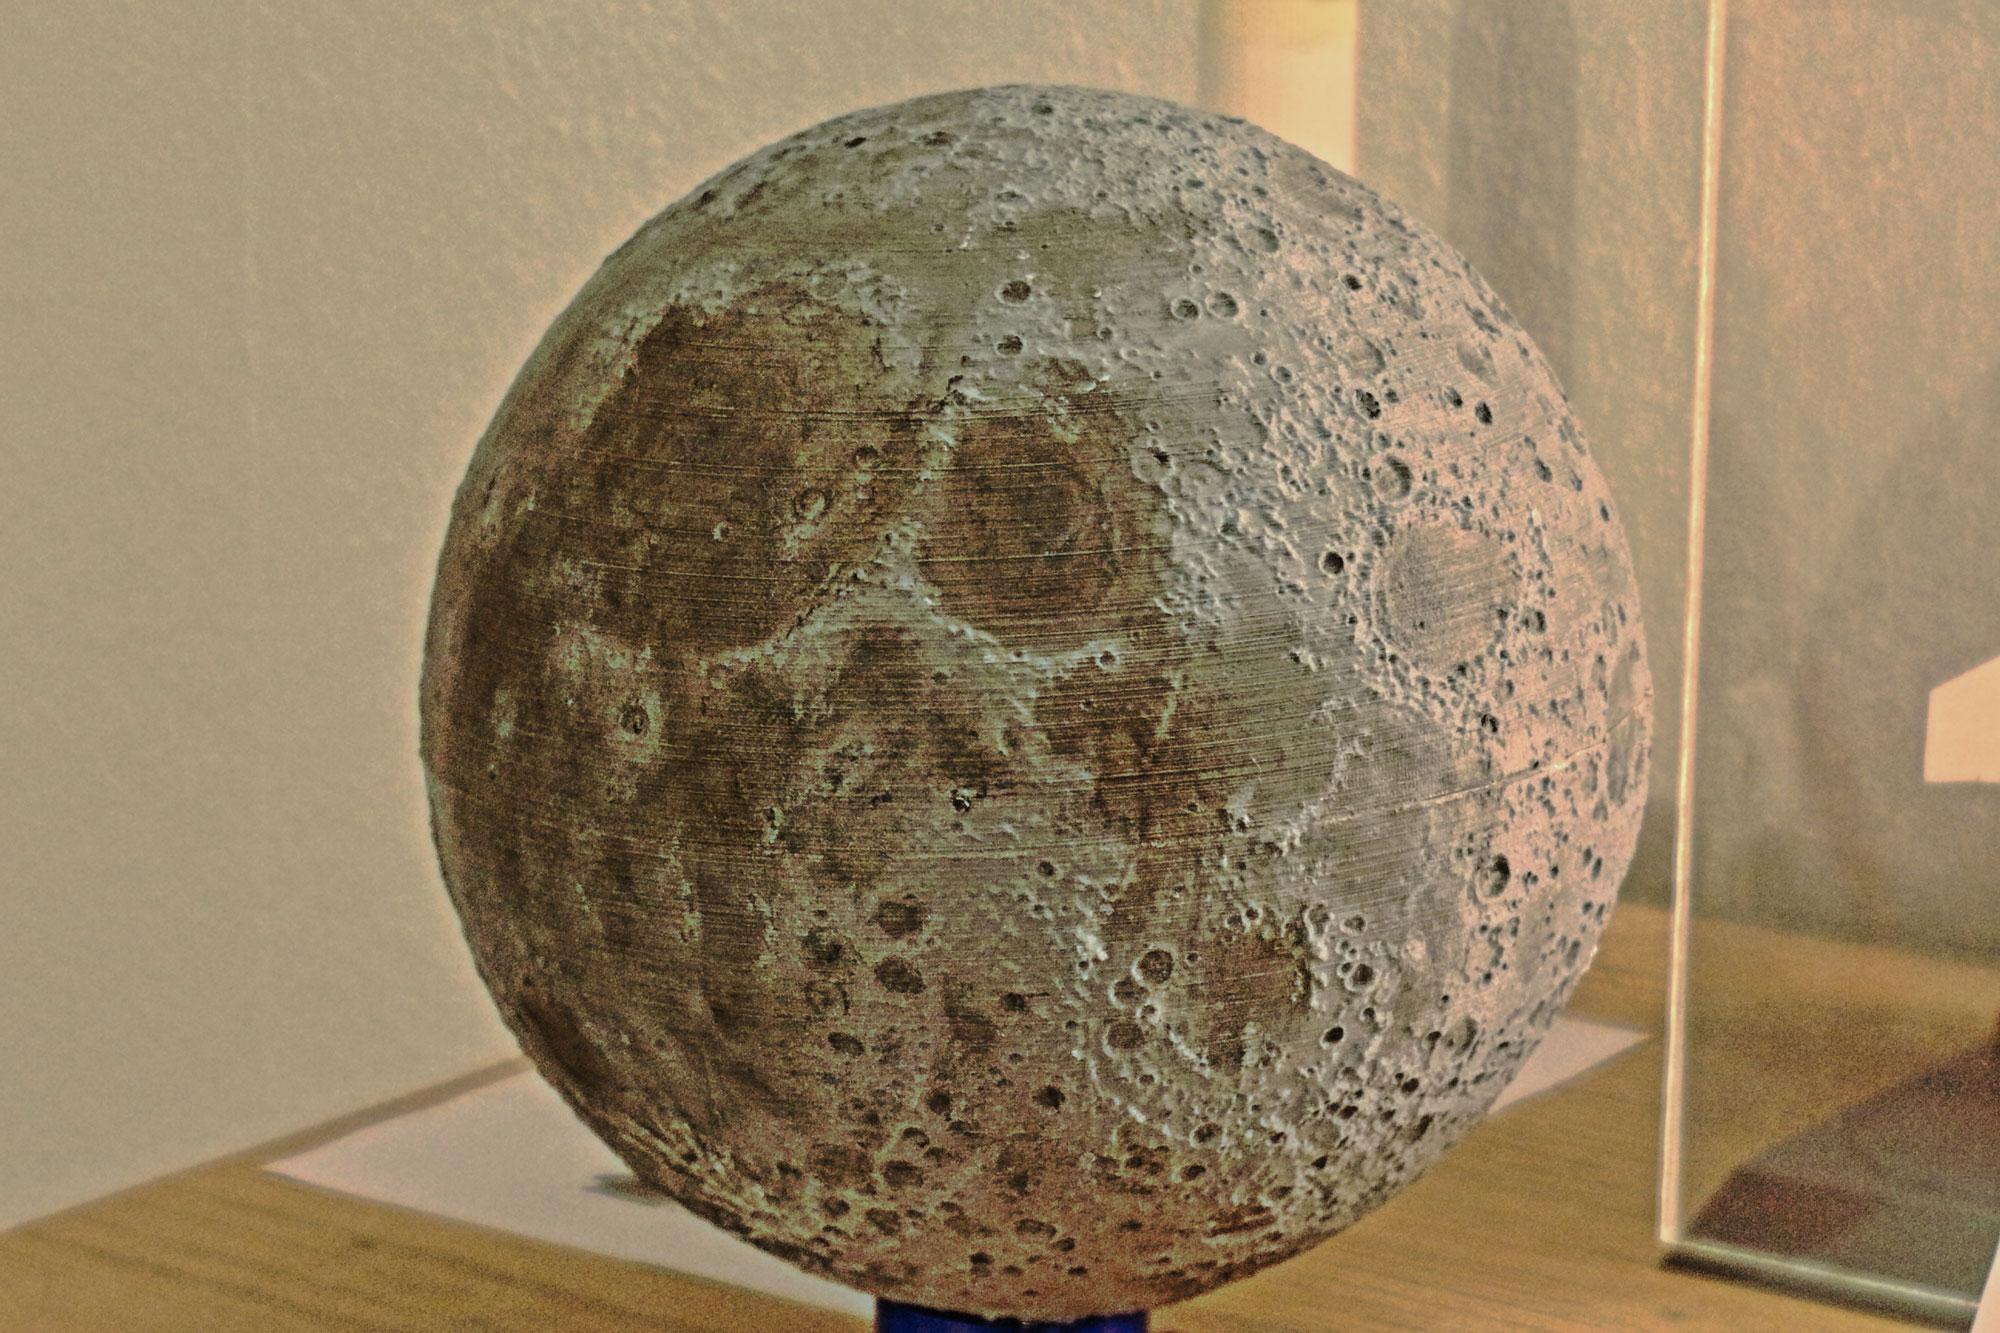 Ausgebucht! - Eine Reise rund um den Mond (speziell für Kids zwischen 8 und 12) @ Observatorium Ludwigshöhe